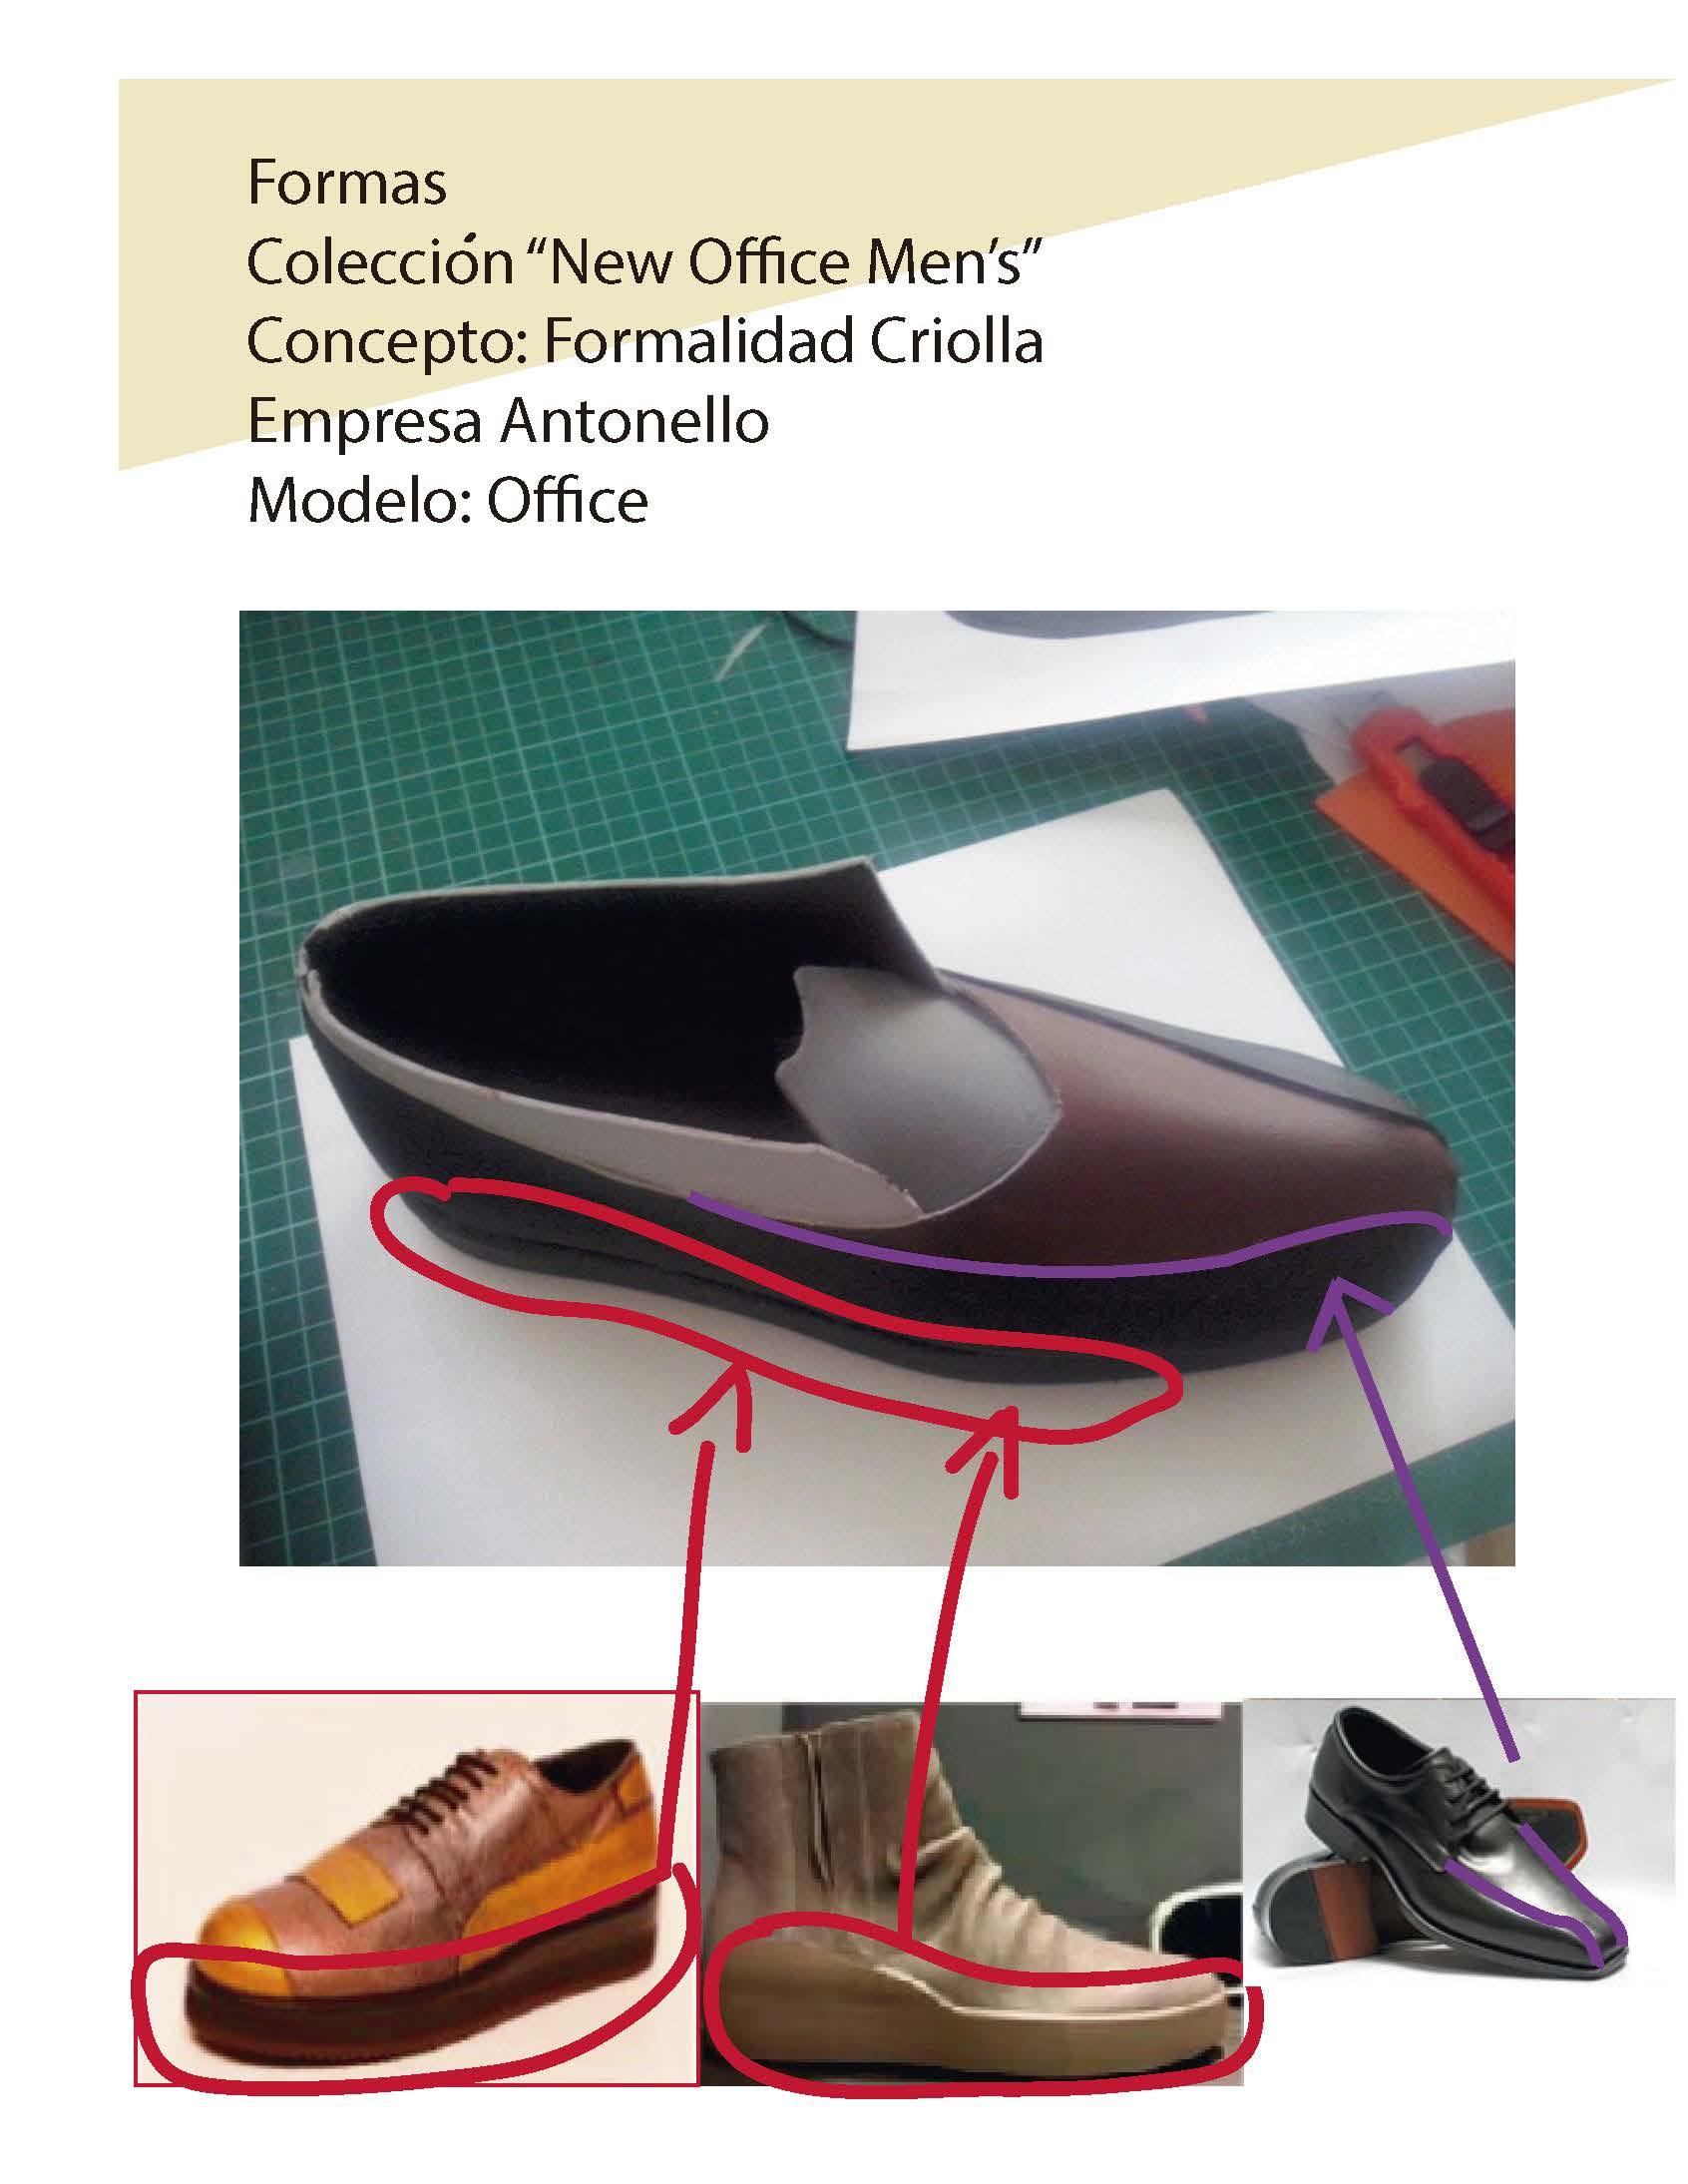 pagina_13.jpg